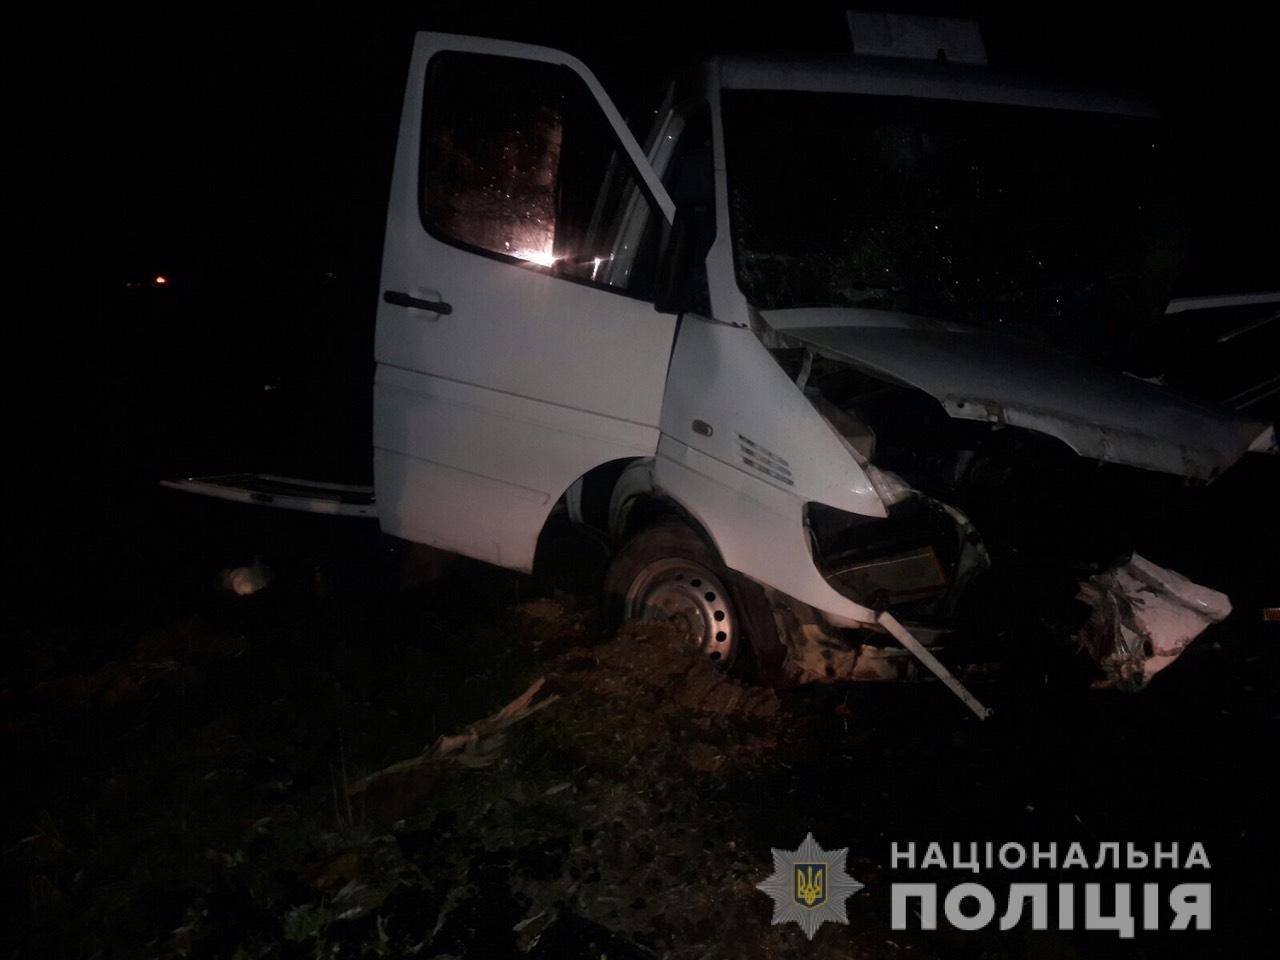 ДТП за участі маршрутки та легковика на Мукачівщині: офіційні подробиці автотрощі (ФОТО), фото-2